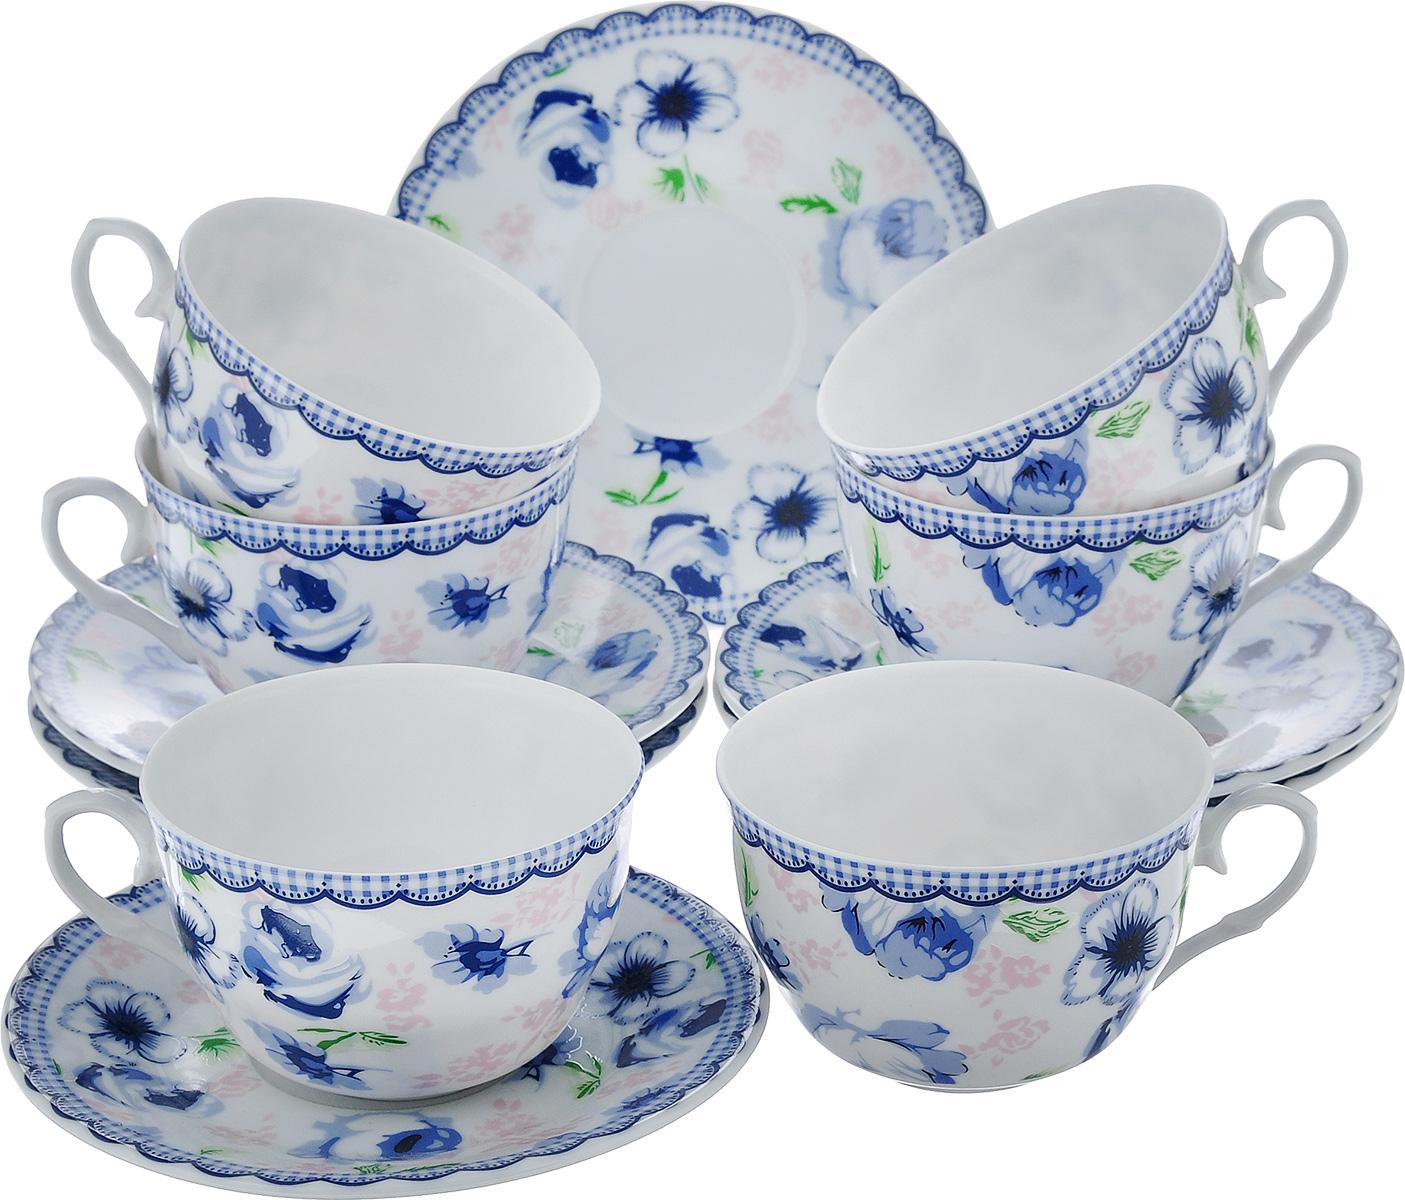 Чайный набор LarangE Кантри, цвет: белый, синий, 12 предметов586-319Чайный набор LarangE Кантри состоит из шести чашек и шести блюдец,изготовленных из фарфора. Предметы набора оформленыизящным ярким рисунком.Чайный набор LarangE Кантри украсит ваш кухонный стол, а такжестанет замечательным подарком друзьям и близким.Объем чашки: 250 мл.Диаметр чашки по верхнему краю: 9 см.Высота чашки: 6 см.Диаметр блюдца: 14,5 см.